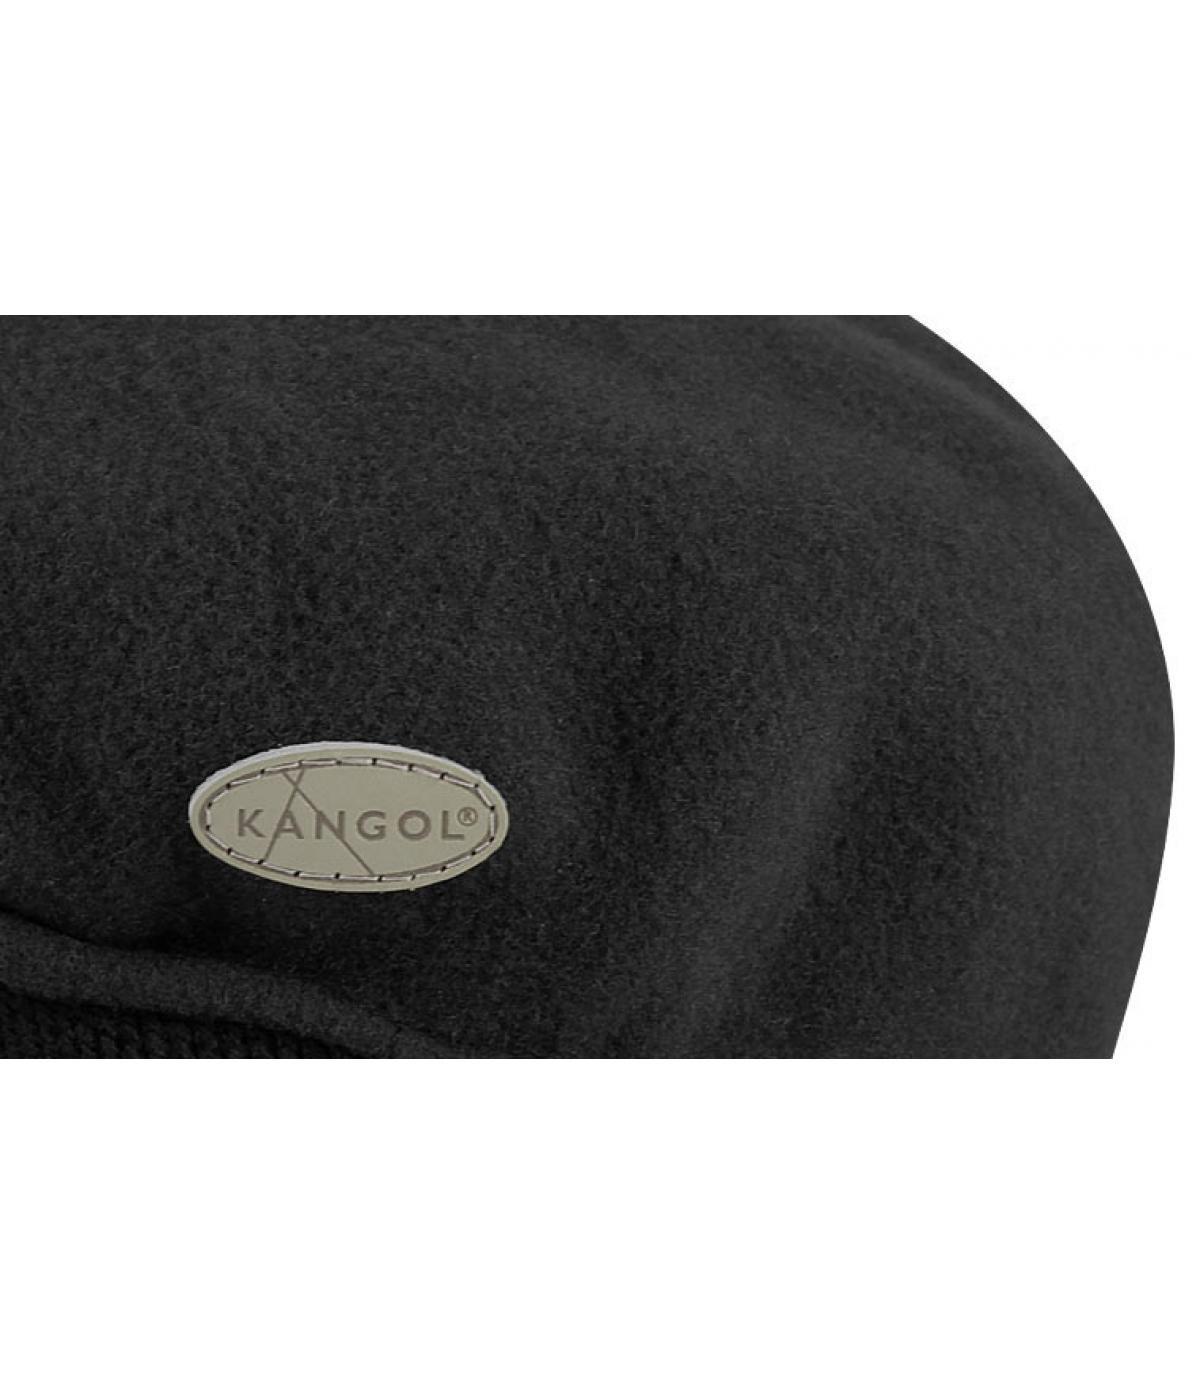 4ad1133169b Kangol. Black ivy cap earflaps. Détails 504 wool earflap black - image 3   Détails 504 wool earflap black - image ...